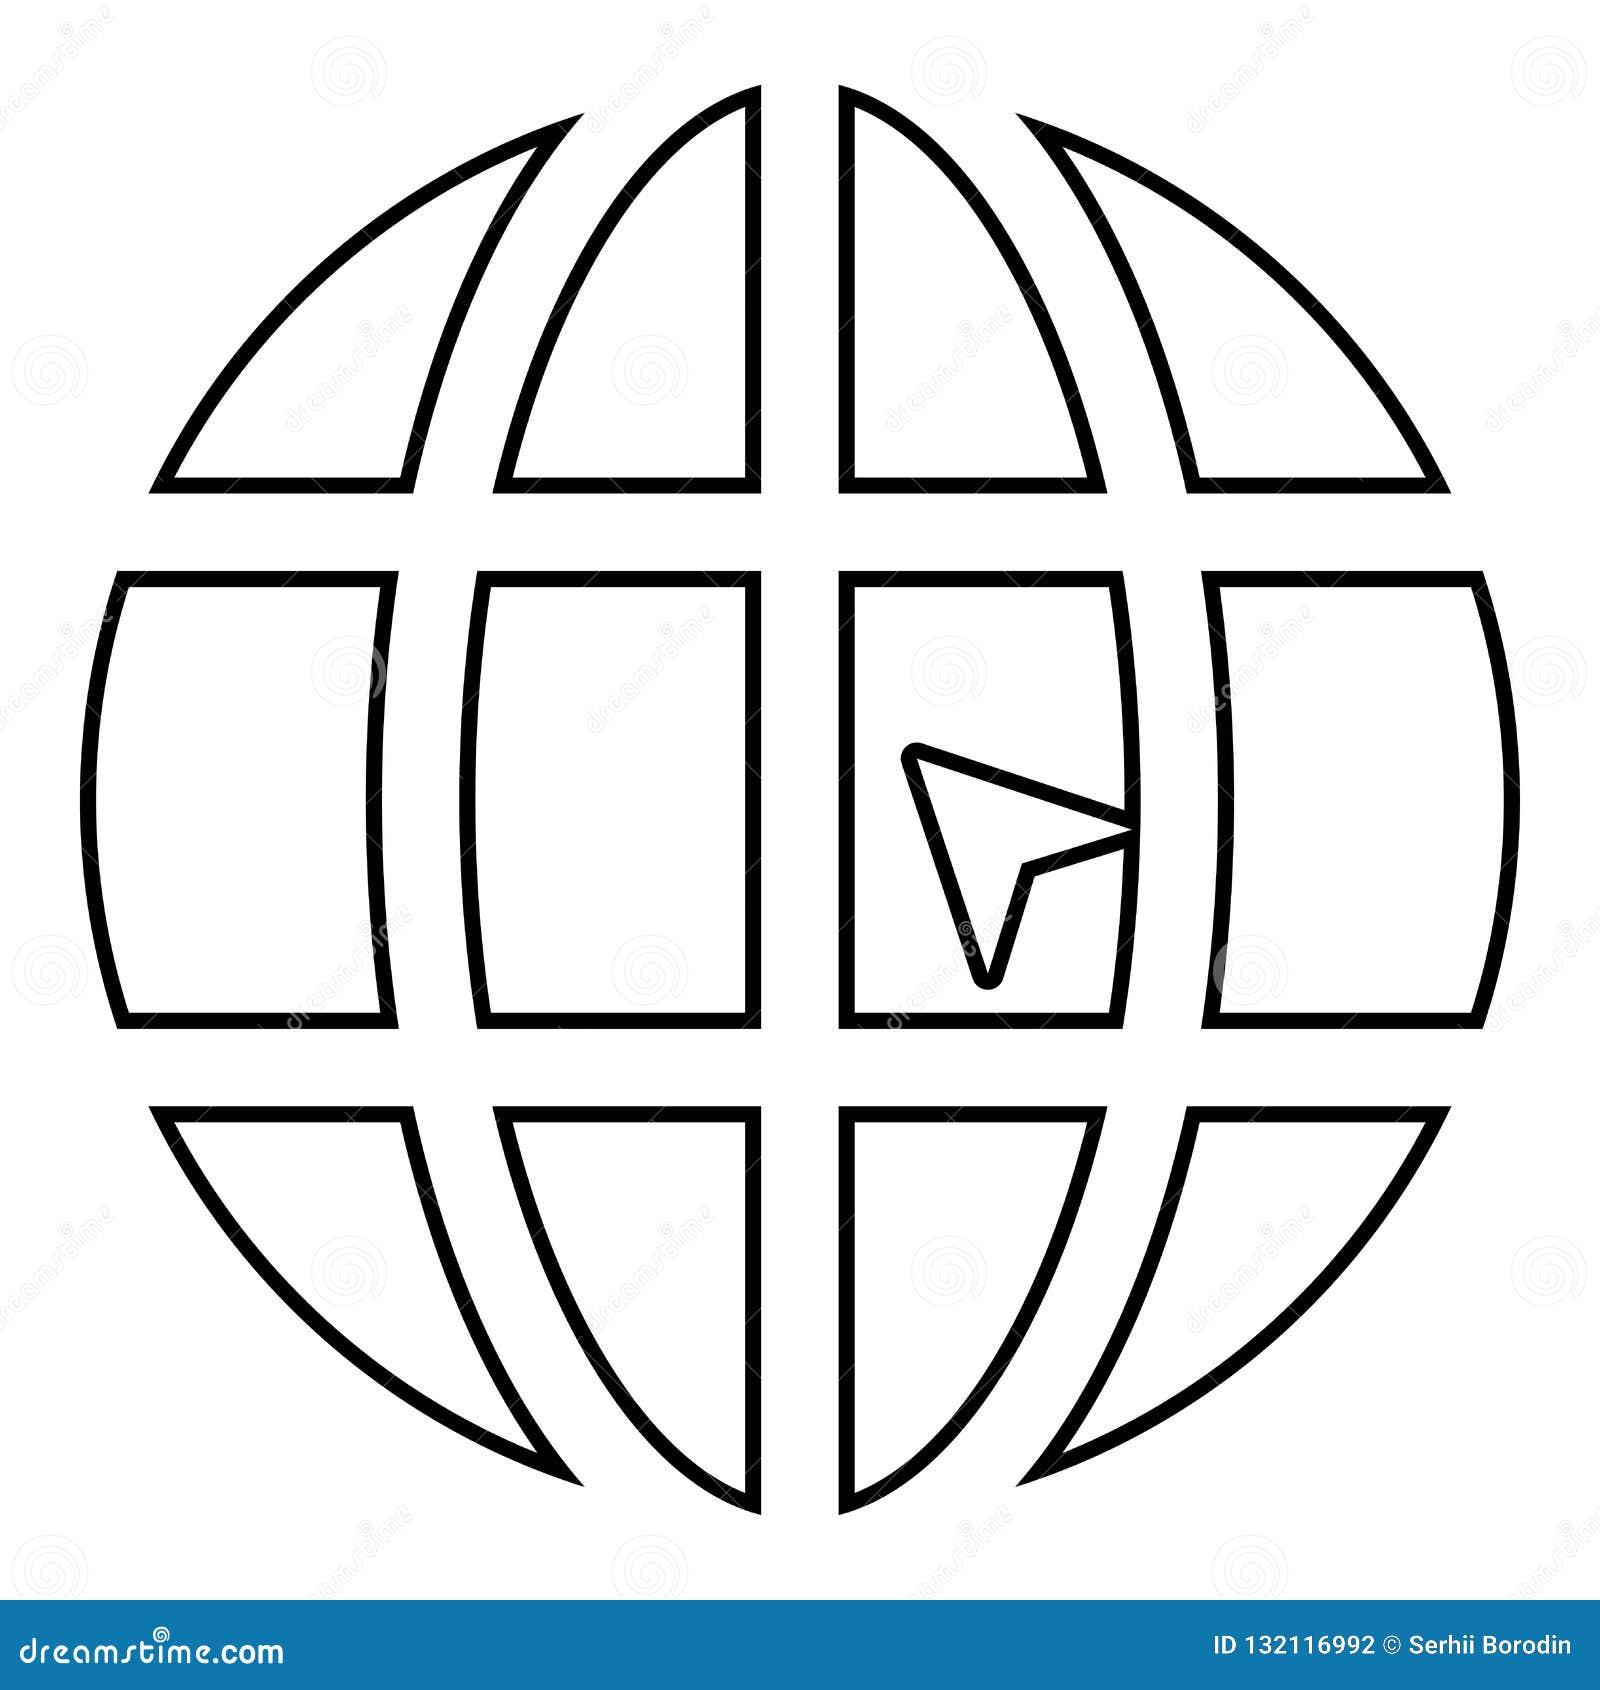 Mundo com esboço da ilustração de cor do preto do ícone do Web site do conceito do clique do mundo da seta